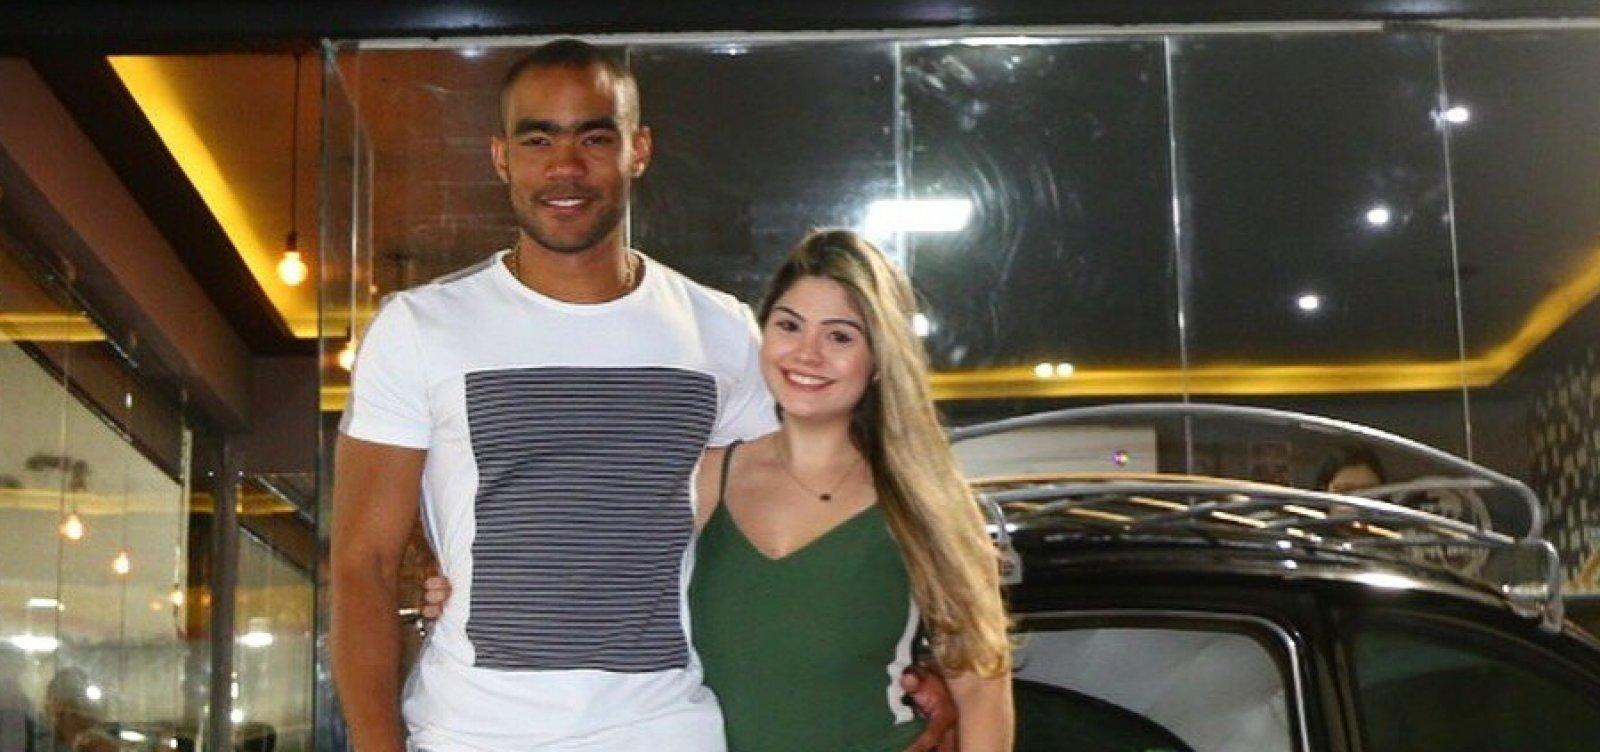 Noivo de vereadora ganha cargo na prefeitura de Salvador